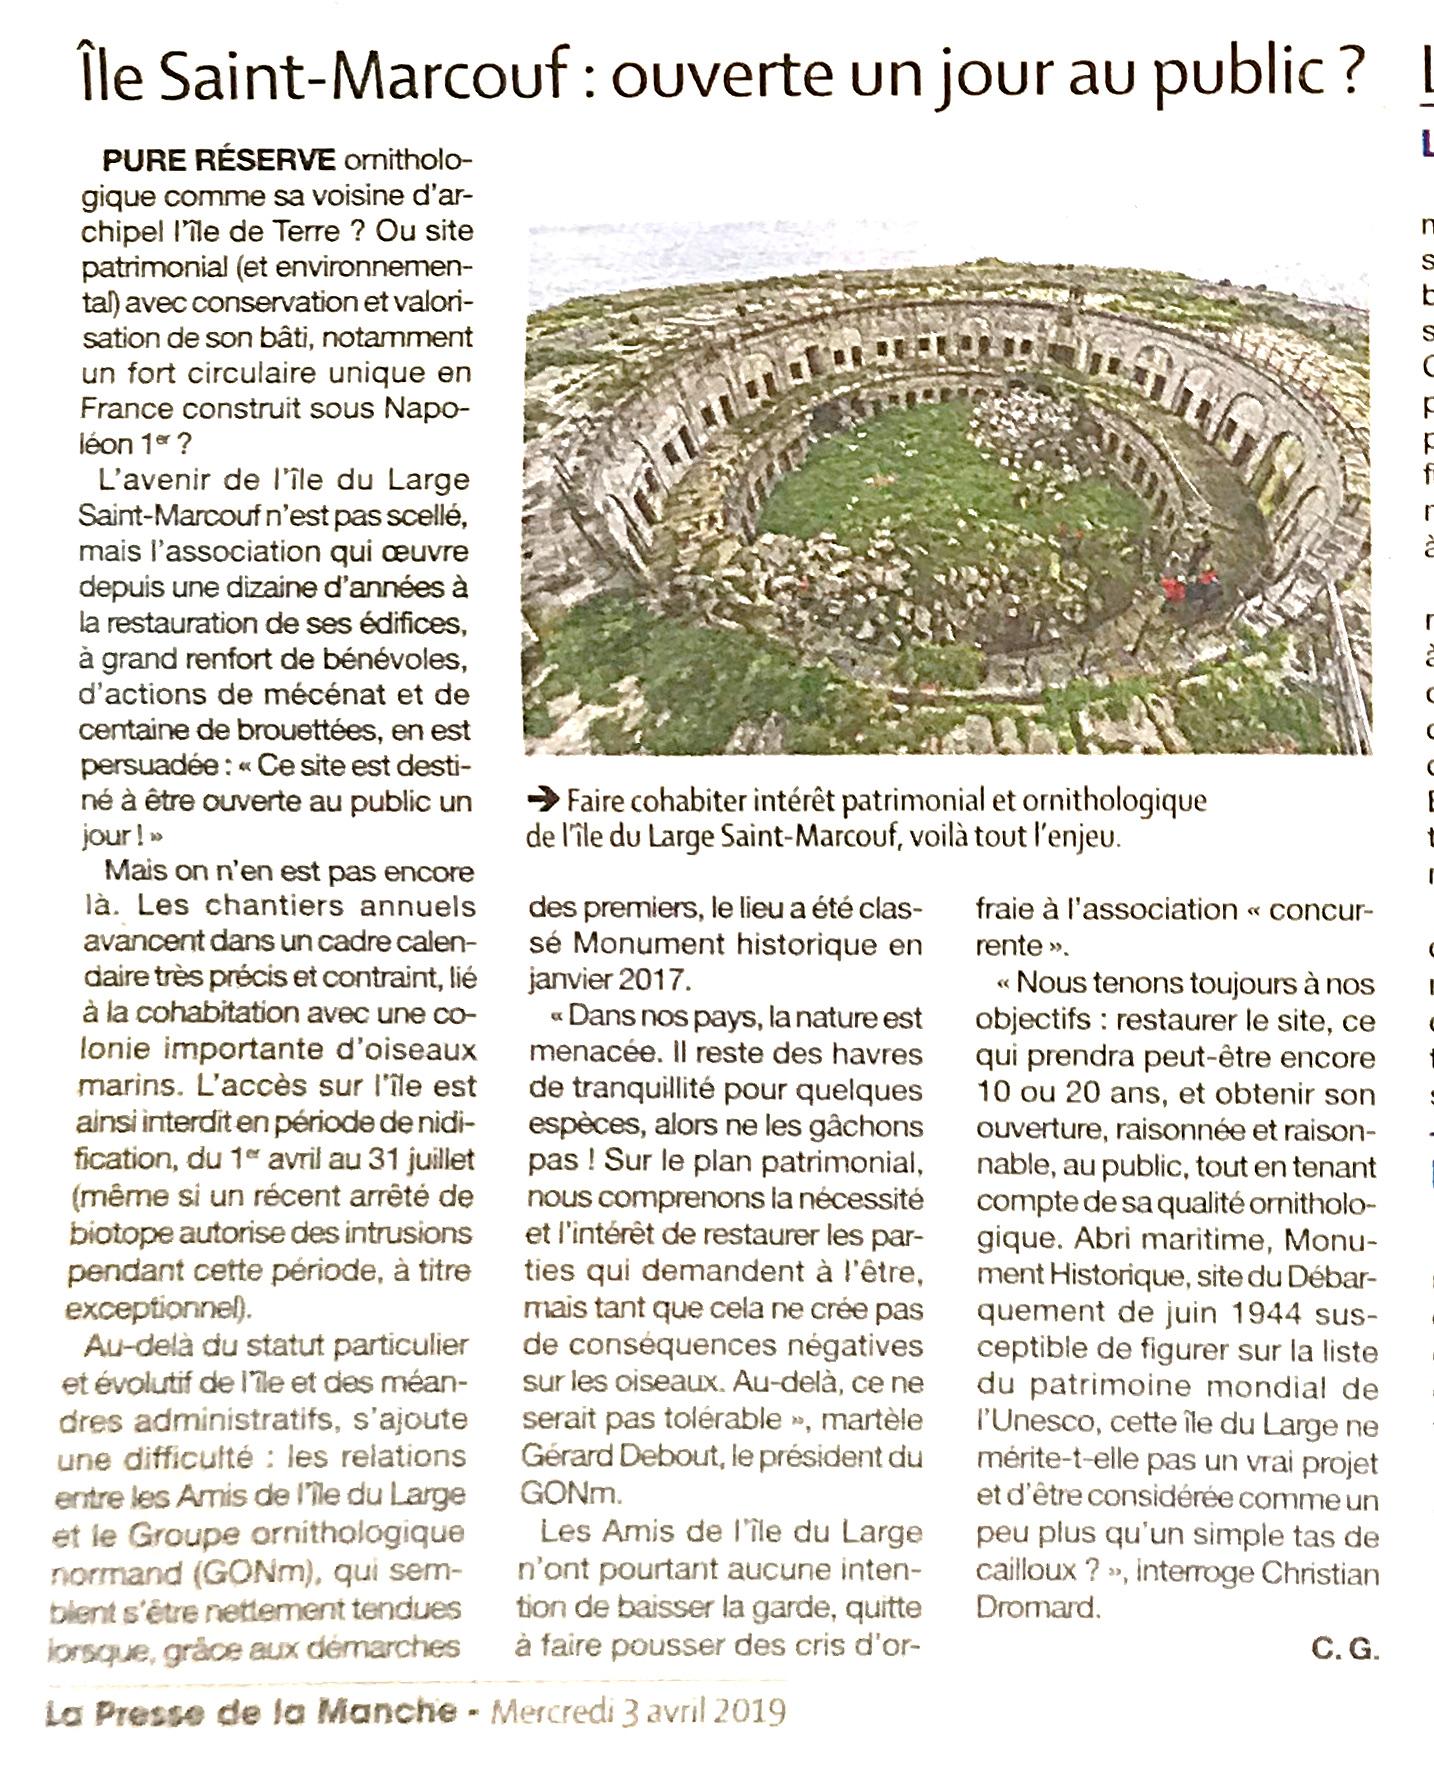 Île Saint-Marcouf : ouverte un jour au public ? Article de La Presse de la Manche du 4 avril 2019